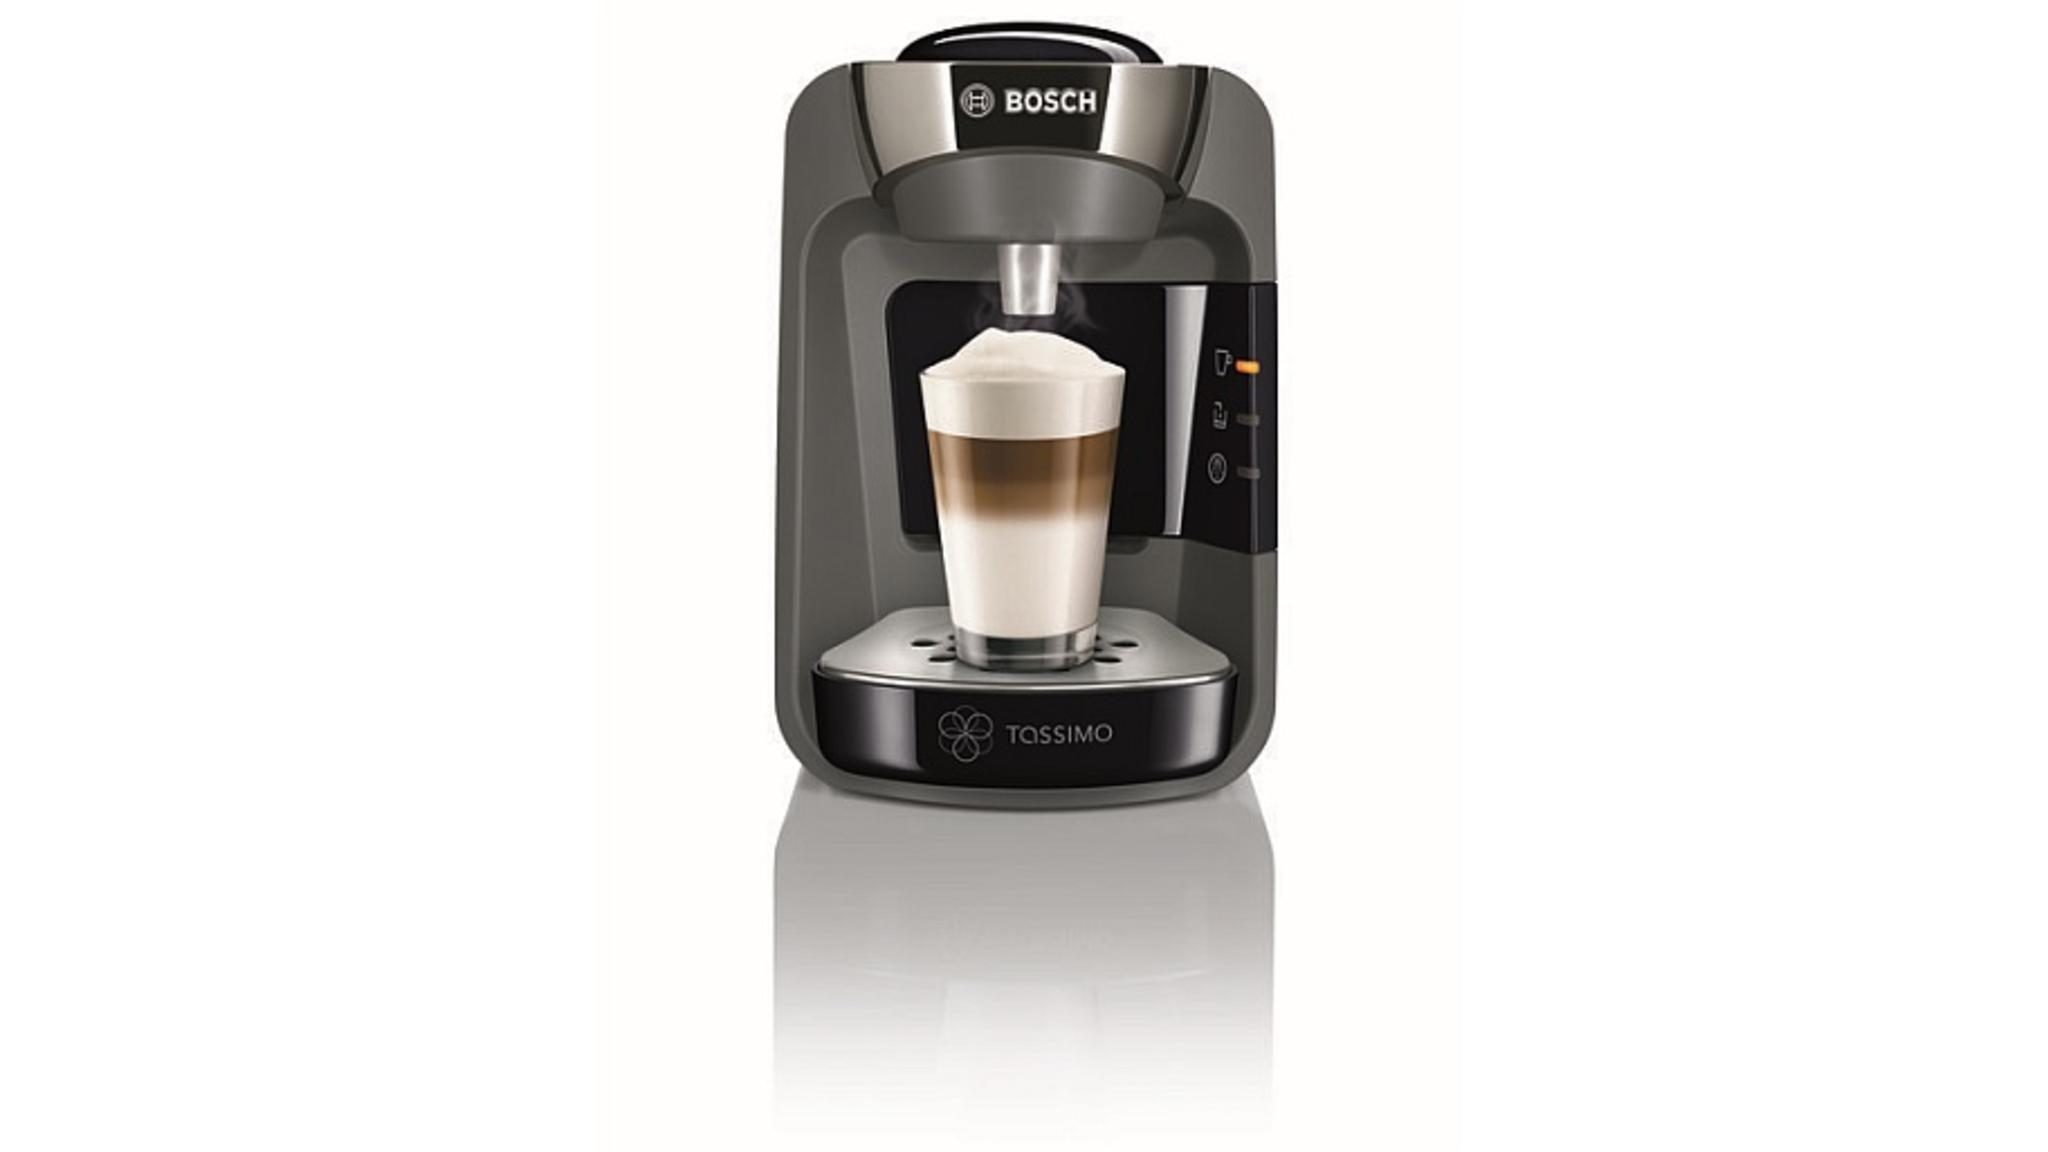 Das Entkalken einer Tassimo-Kaffemaschine ist nicht schwer.